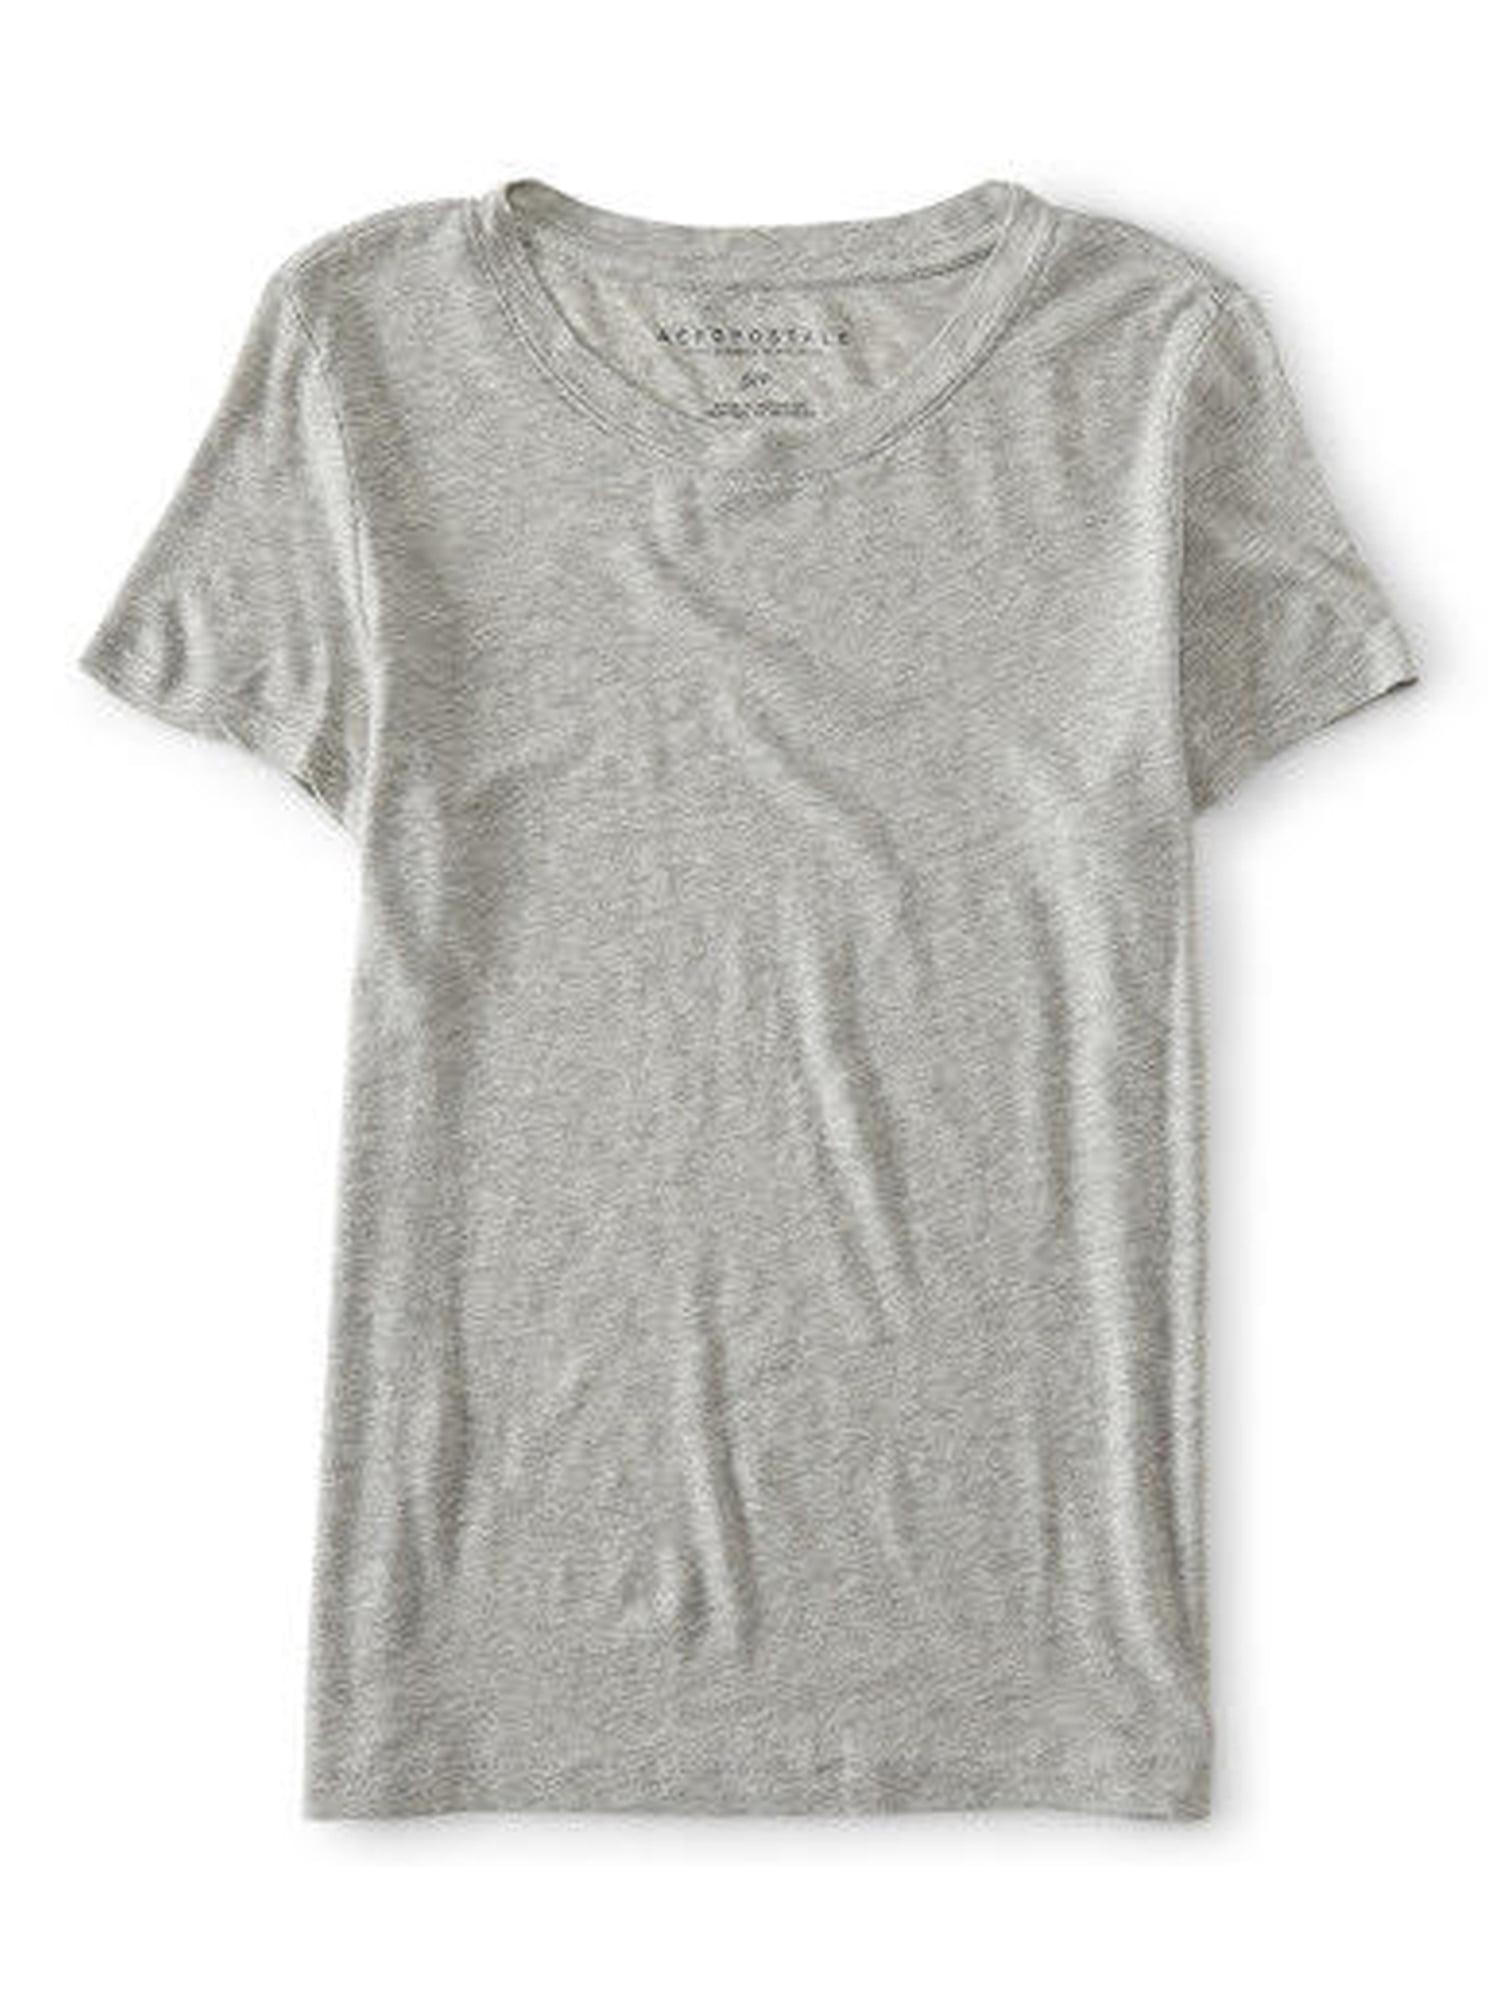 52899a1d Aeropostale Juniors Solid Basic T-Shirt 001 Xl - Juniors